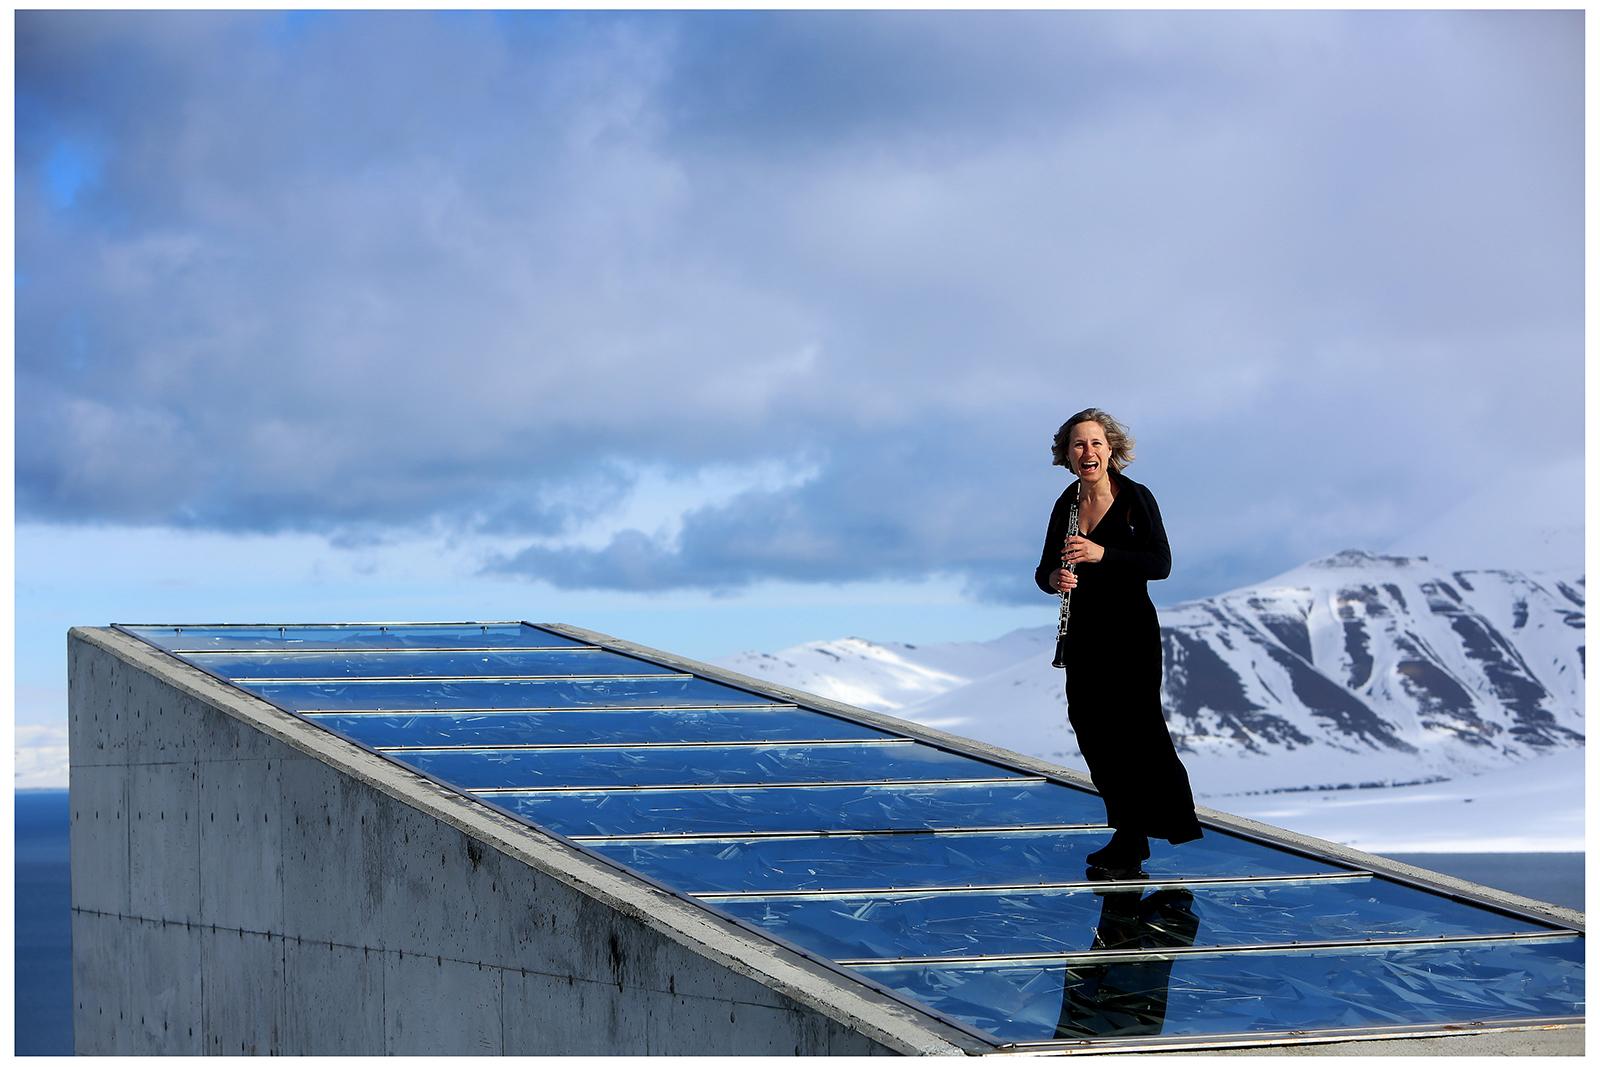 http://arkiv.klassiskmusikk.com/wp-content/uploads/2017/01/NOSO-Svalbard-324.jpg